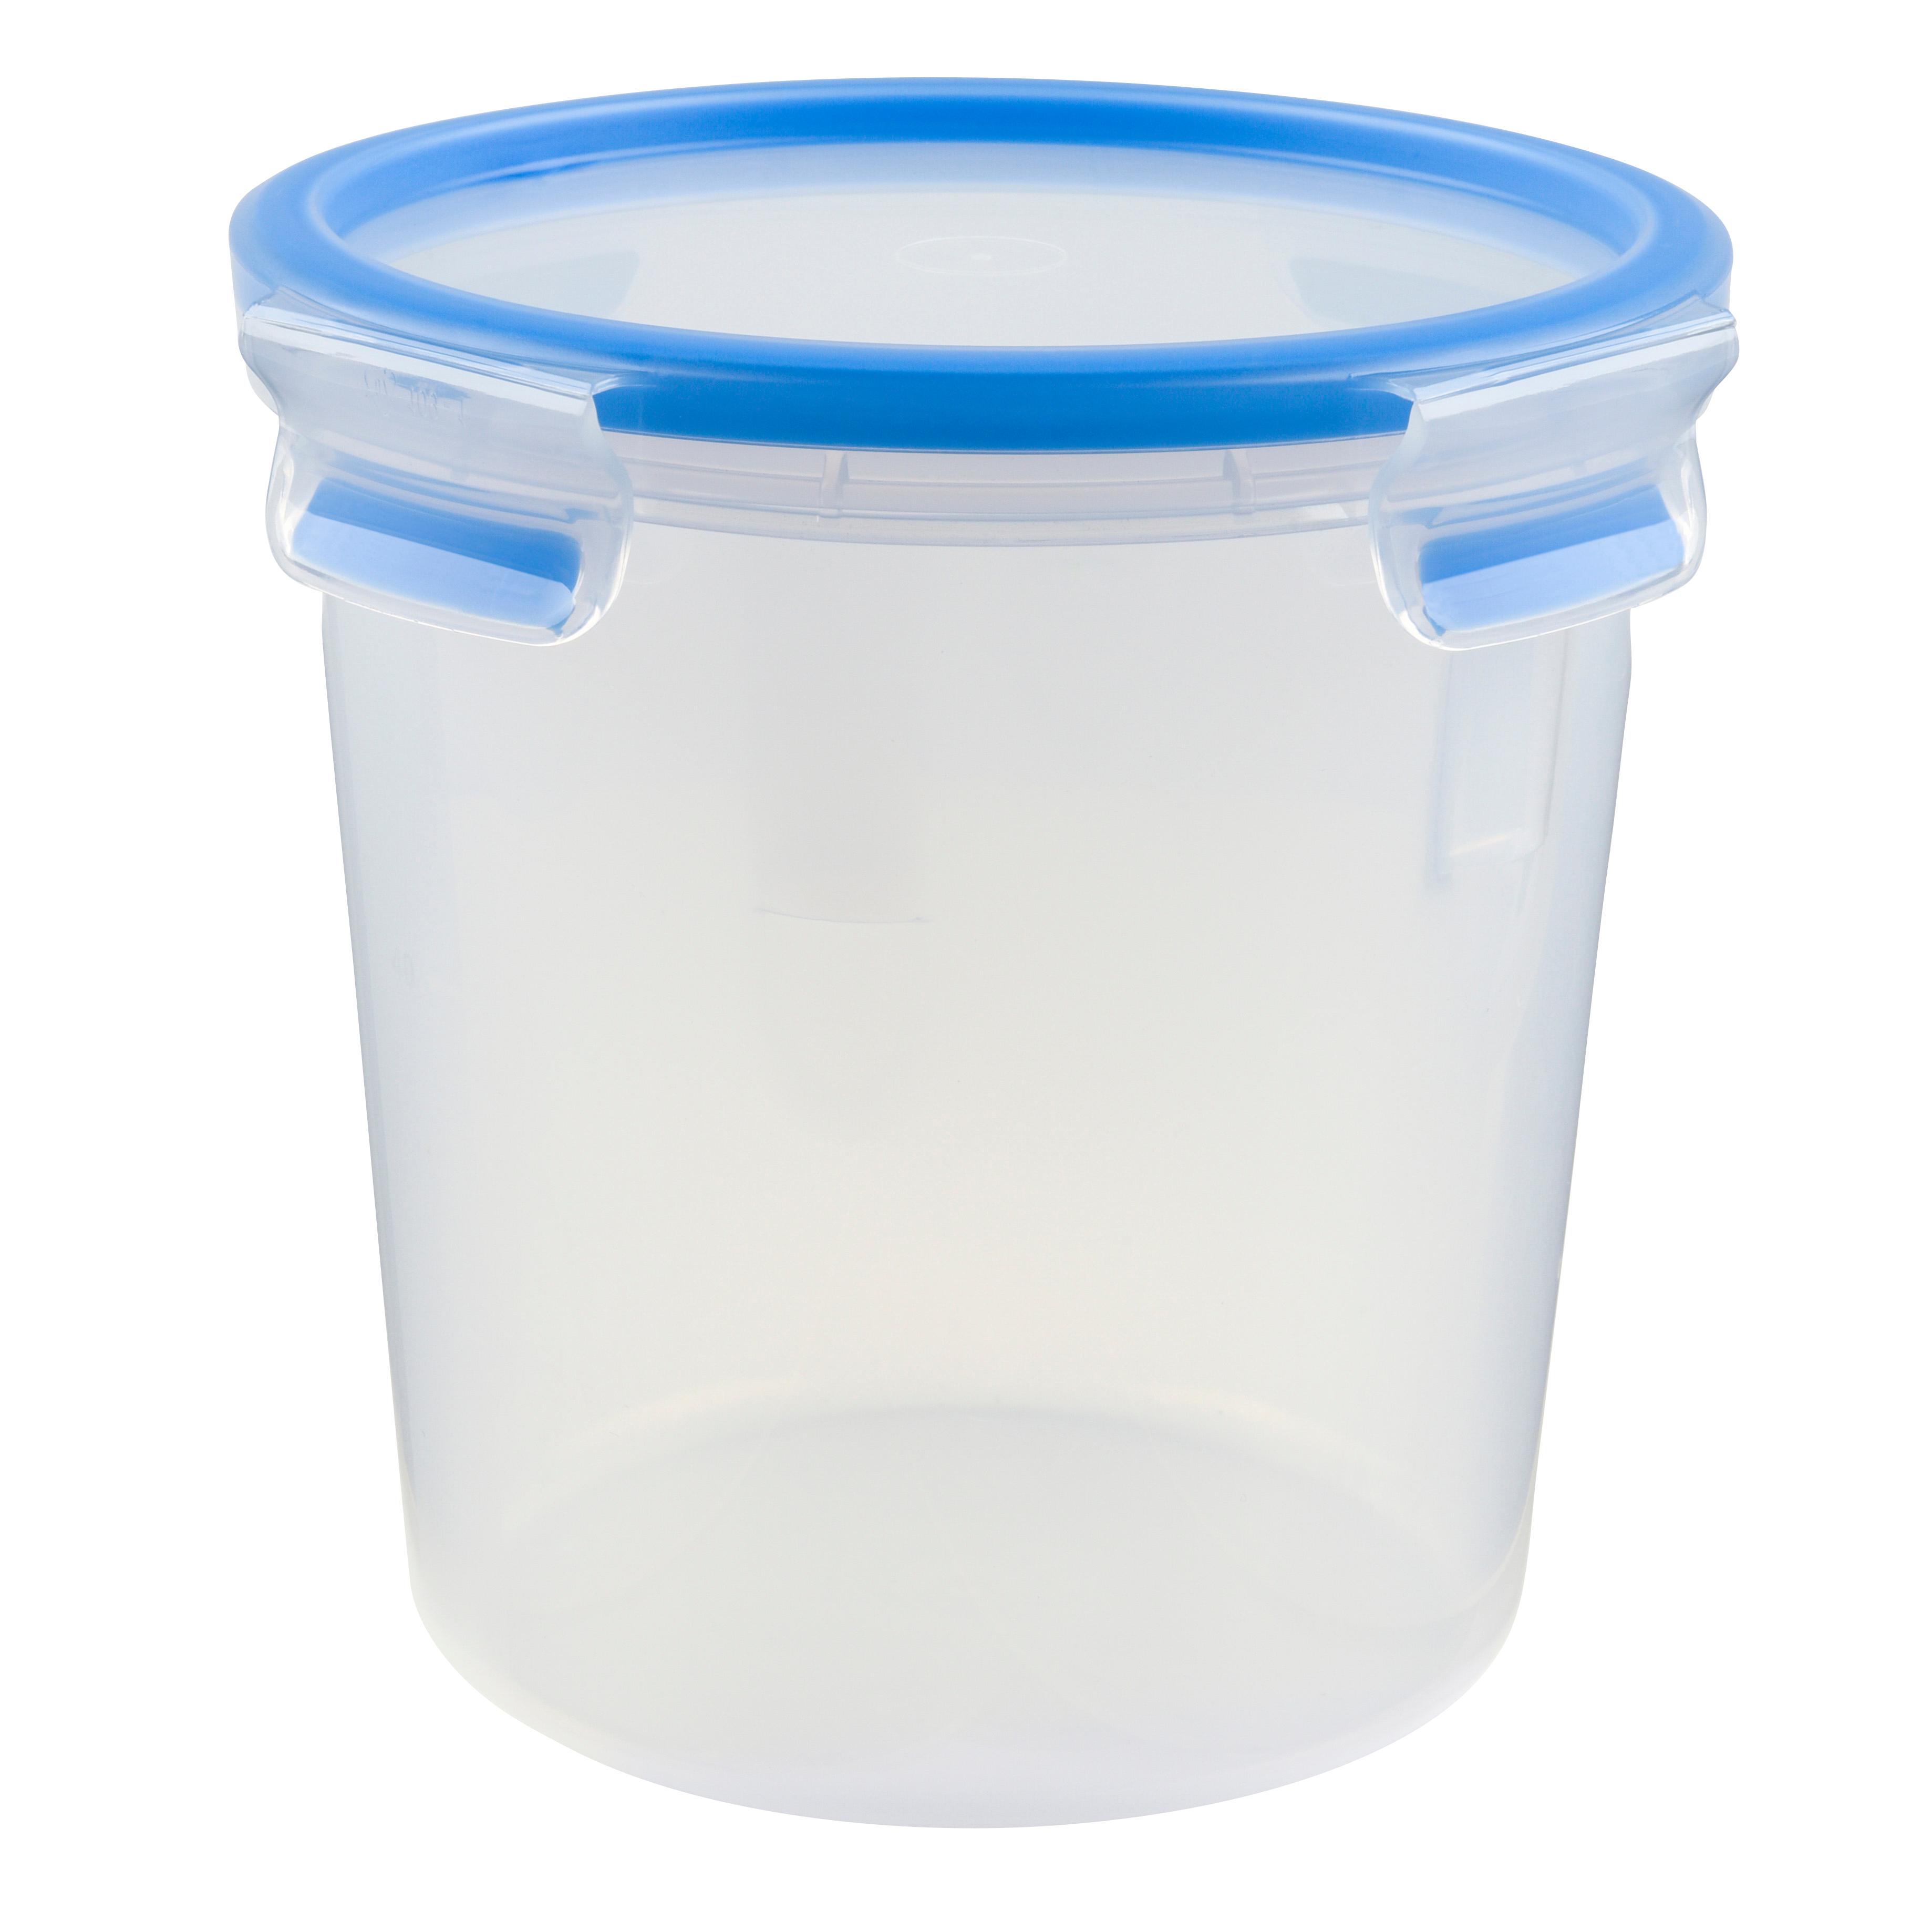 EMSA 508553CLIP & CLOSE Frischhaltedose 2,0 L rund - 100 % dicht - made in Germany - besondere Frische-Dichtung - 100 % hygienisch